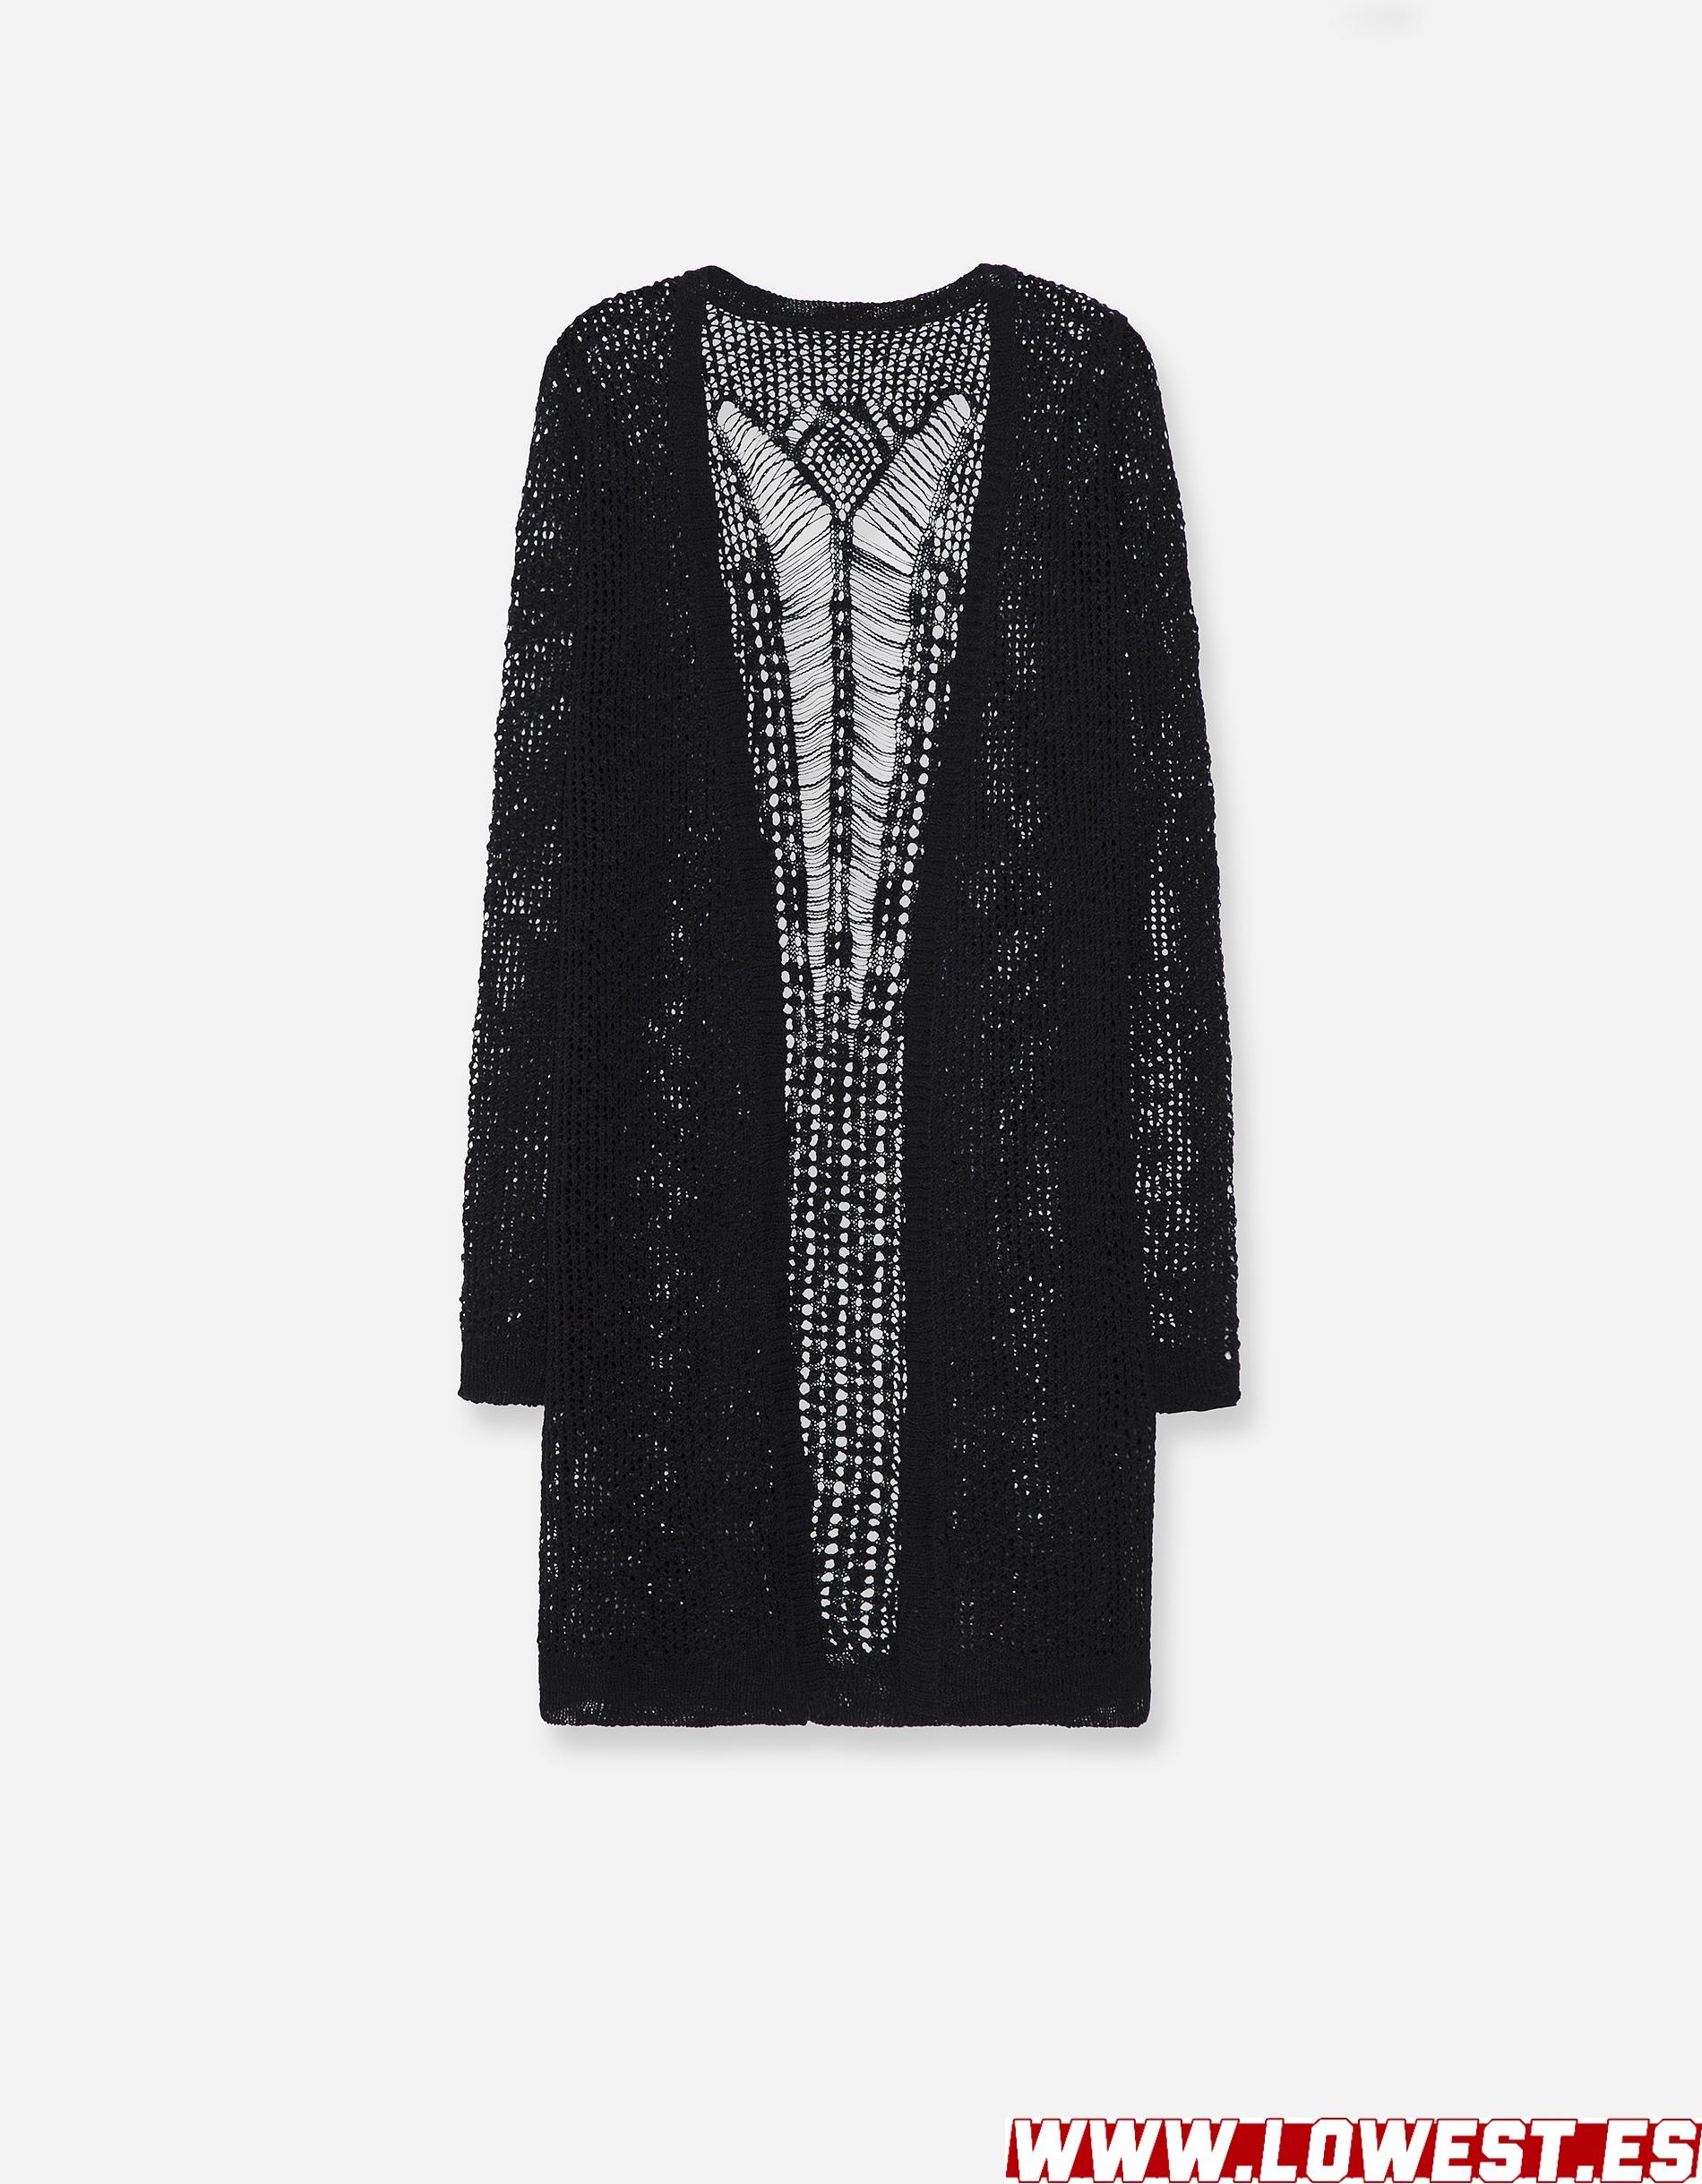 catalogos de ropa Lowest vestidos largos 2019 2020